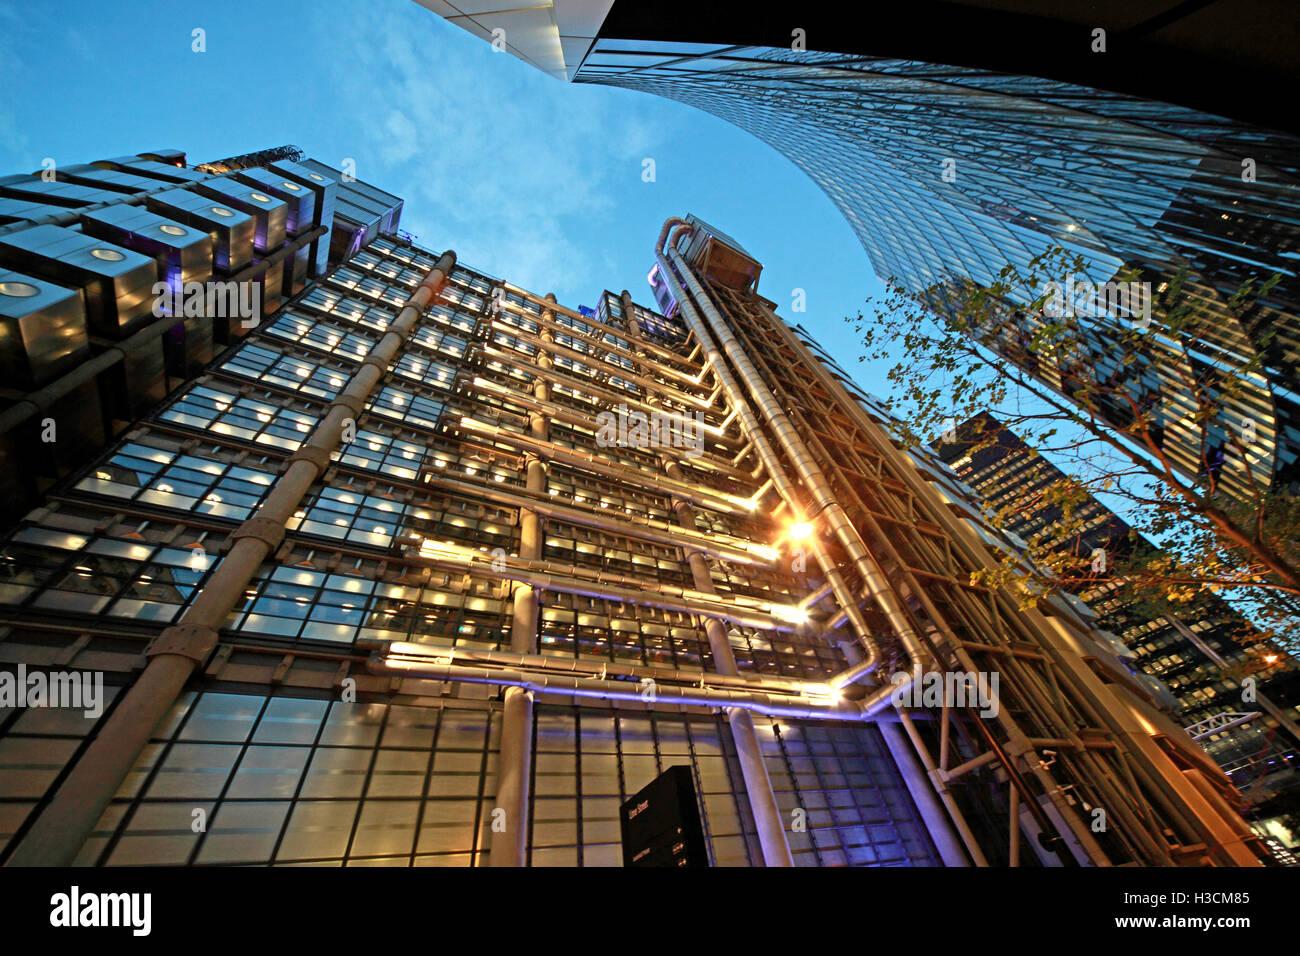 Laden Sie dieses Alamy Stockfoto Lloyds Gebäude London in der Abenddämmerung, Kalk St, England - H3CM85